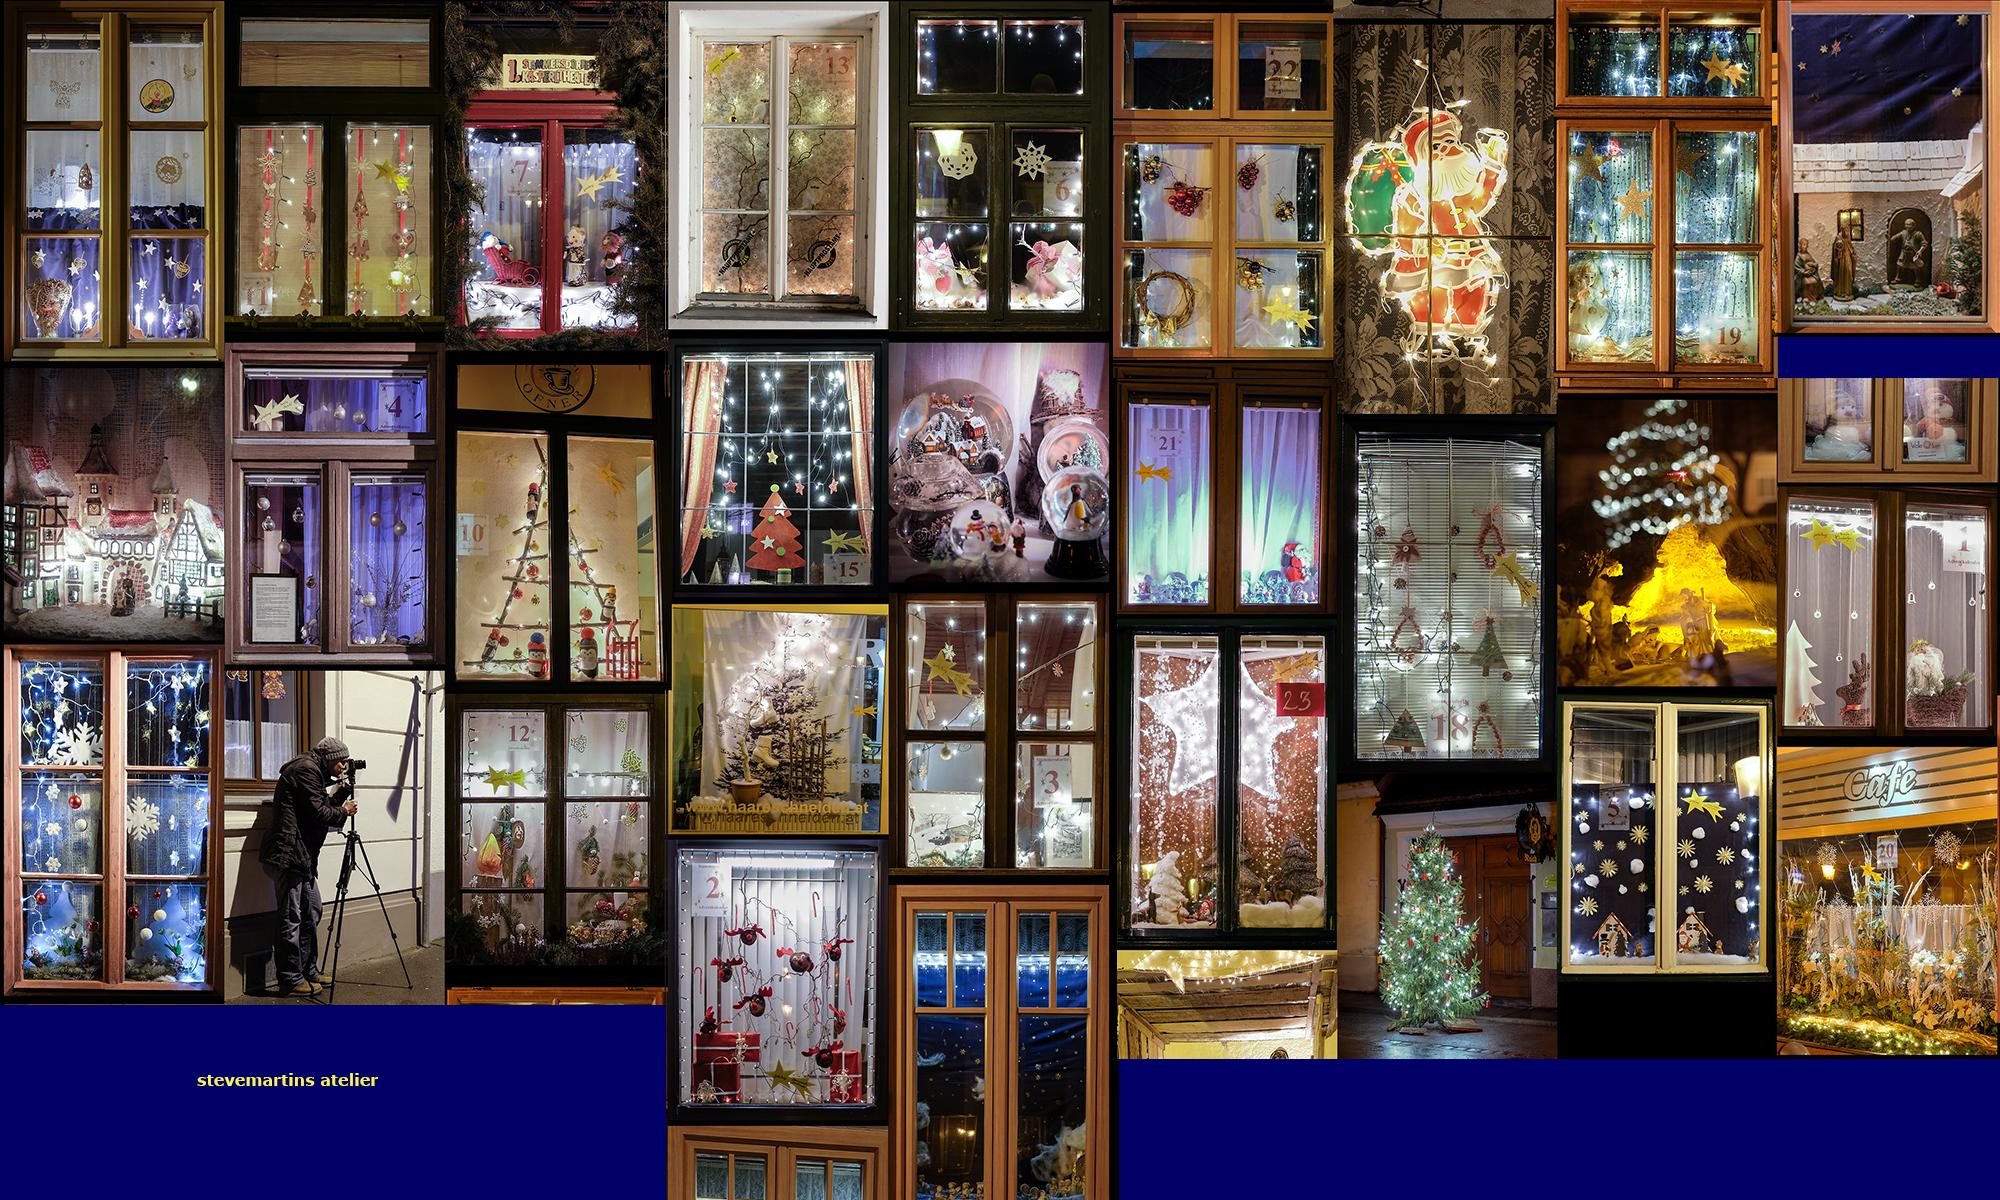 Das Bild zeigt den erwanderbaren Adventkalender in Stammersdorf